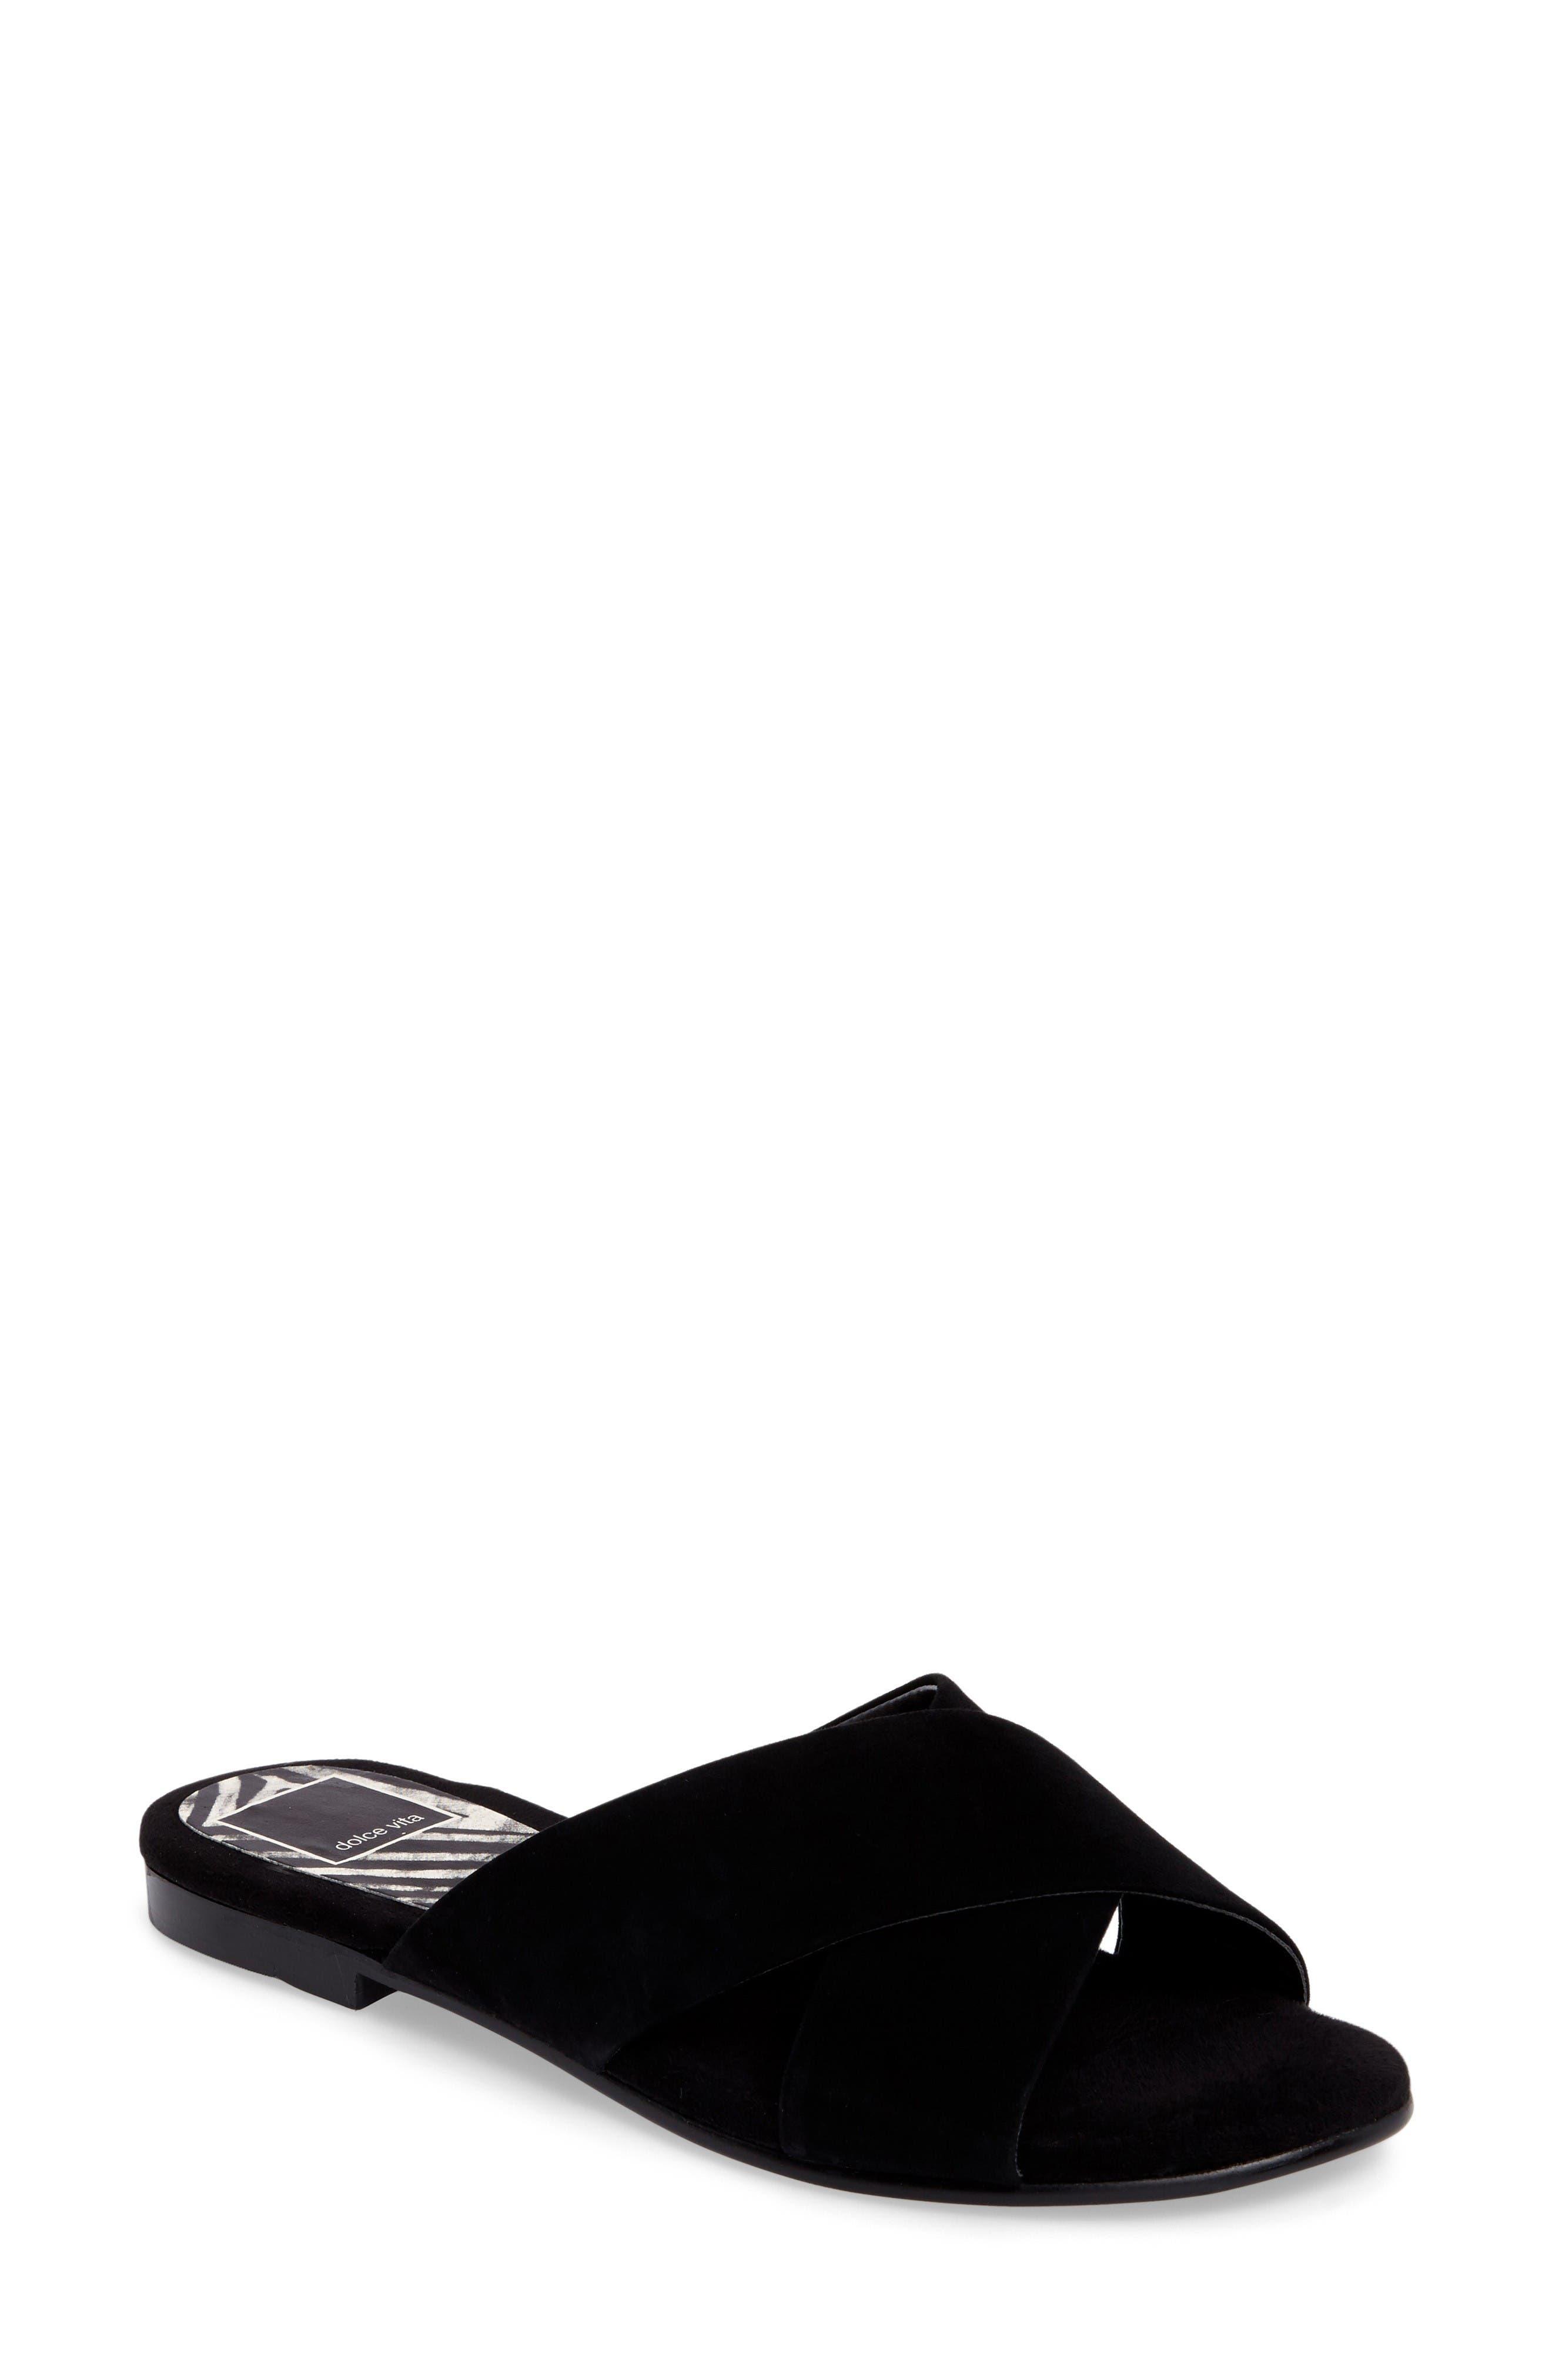 Main Image - Dolce Vita Cross Strap Slide Sandal (Women)